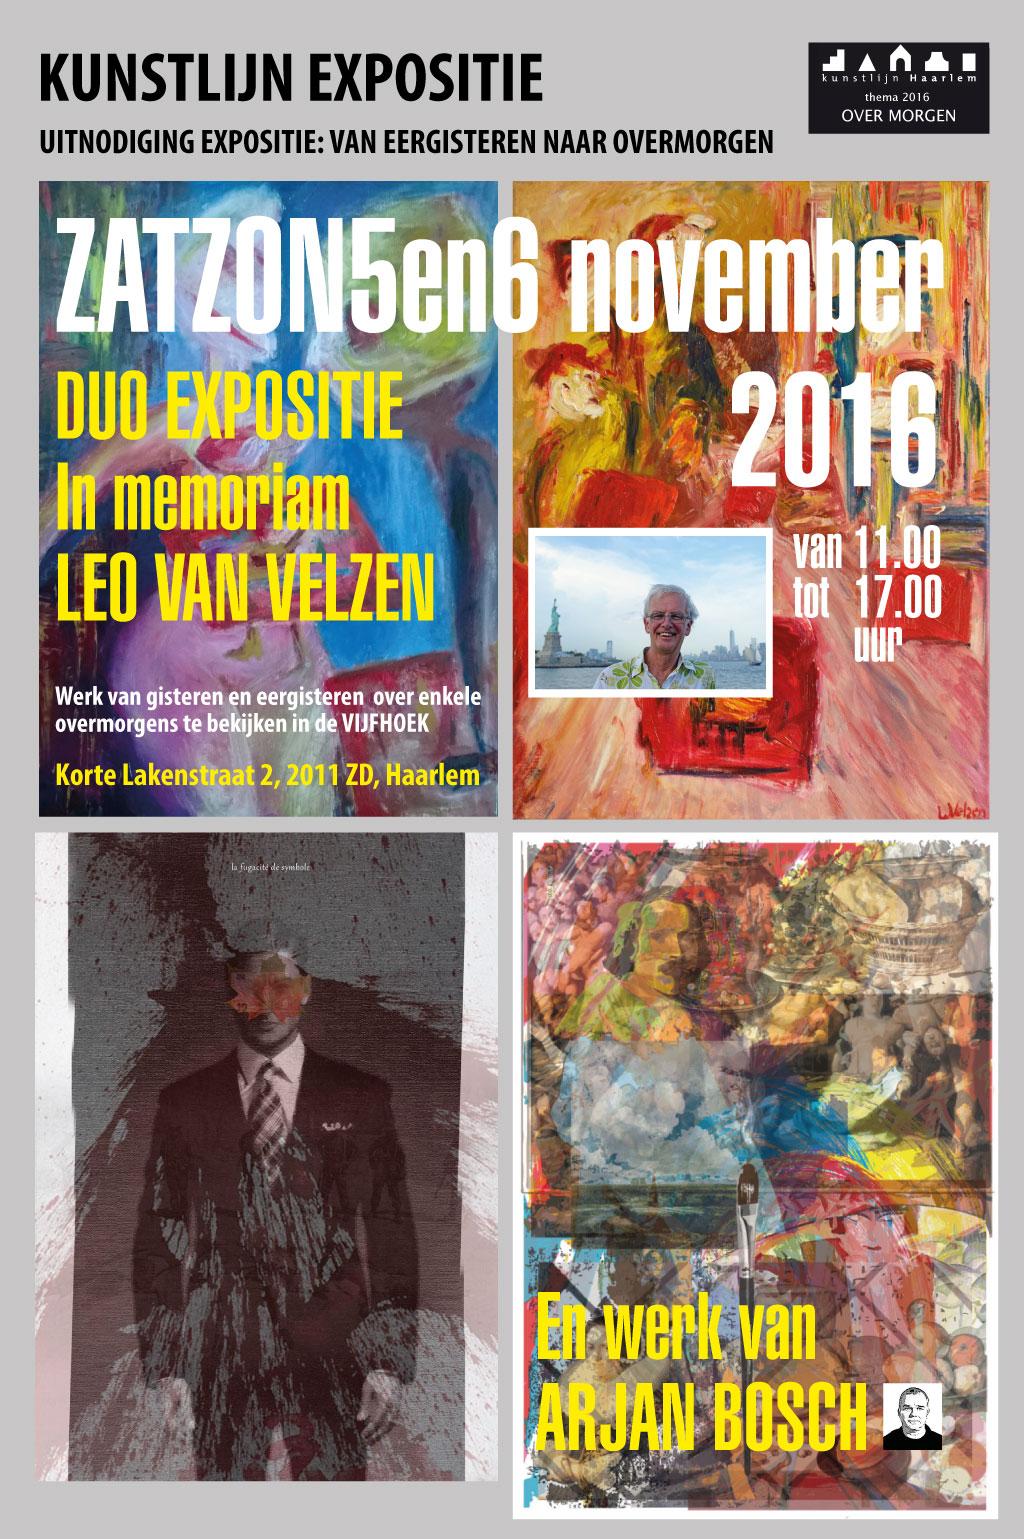 Duo expositie Leo van Velzen (In memoriam) en Arjan Bosch | Kunstlijn Haarlem 2016